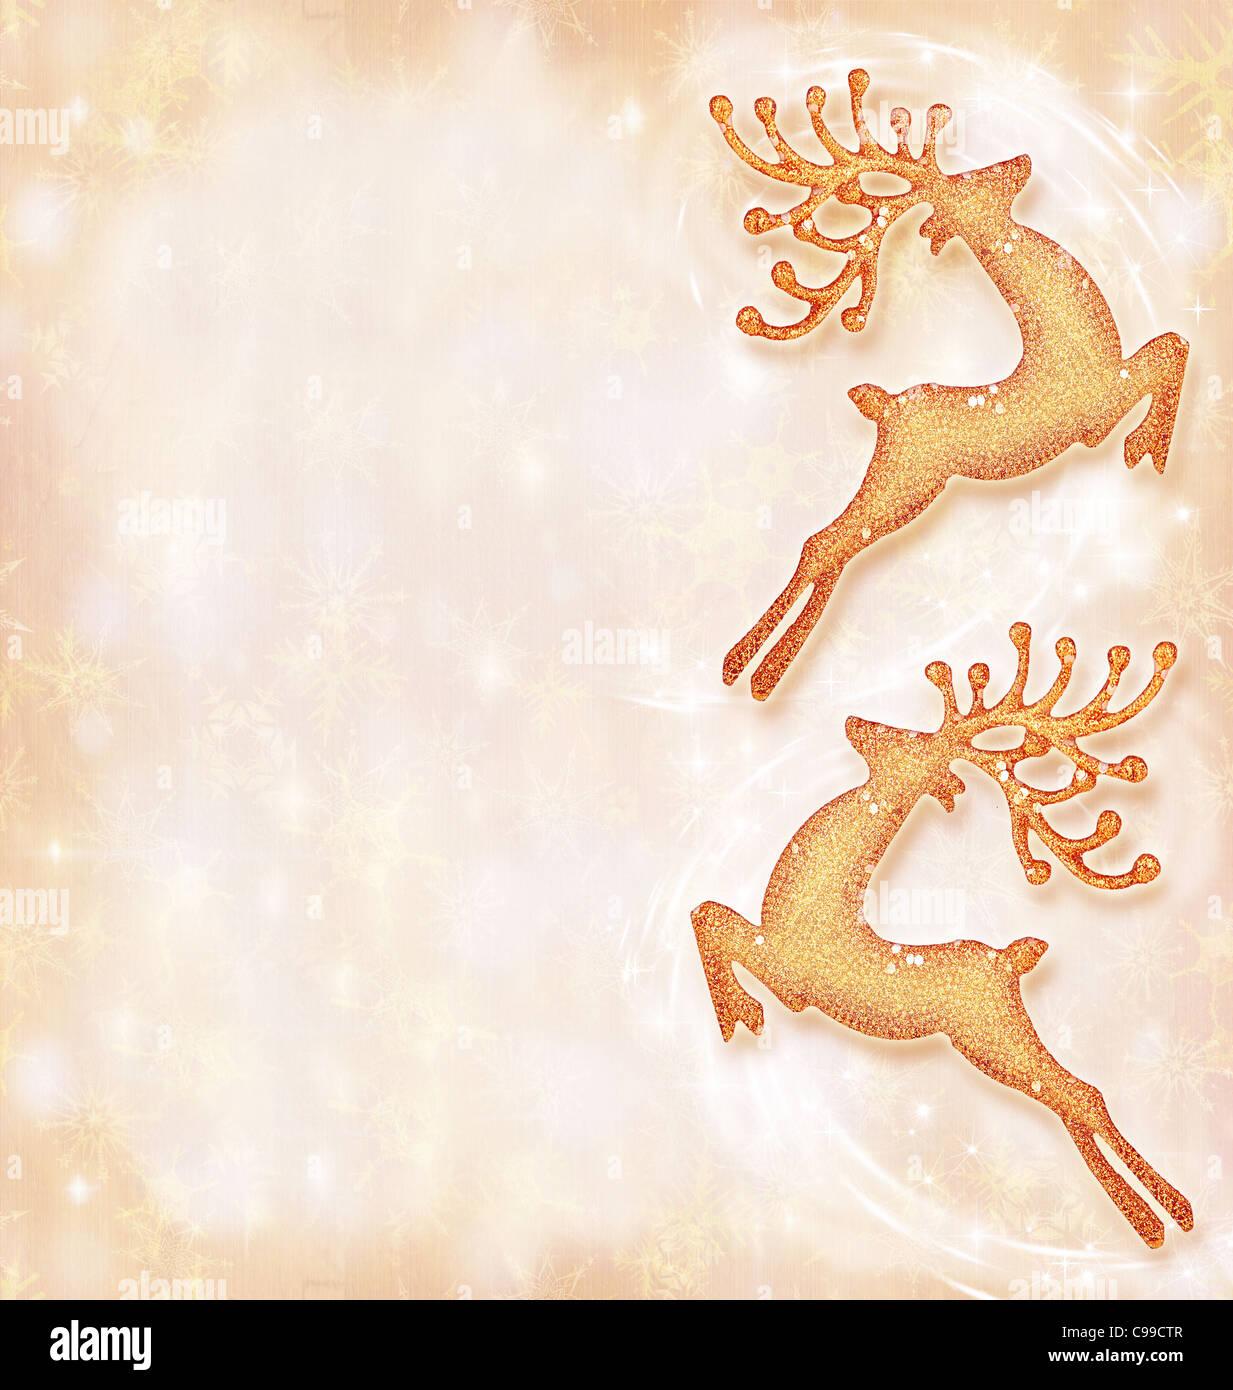 holiday card border